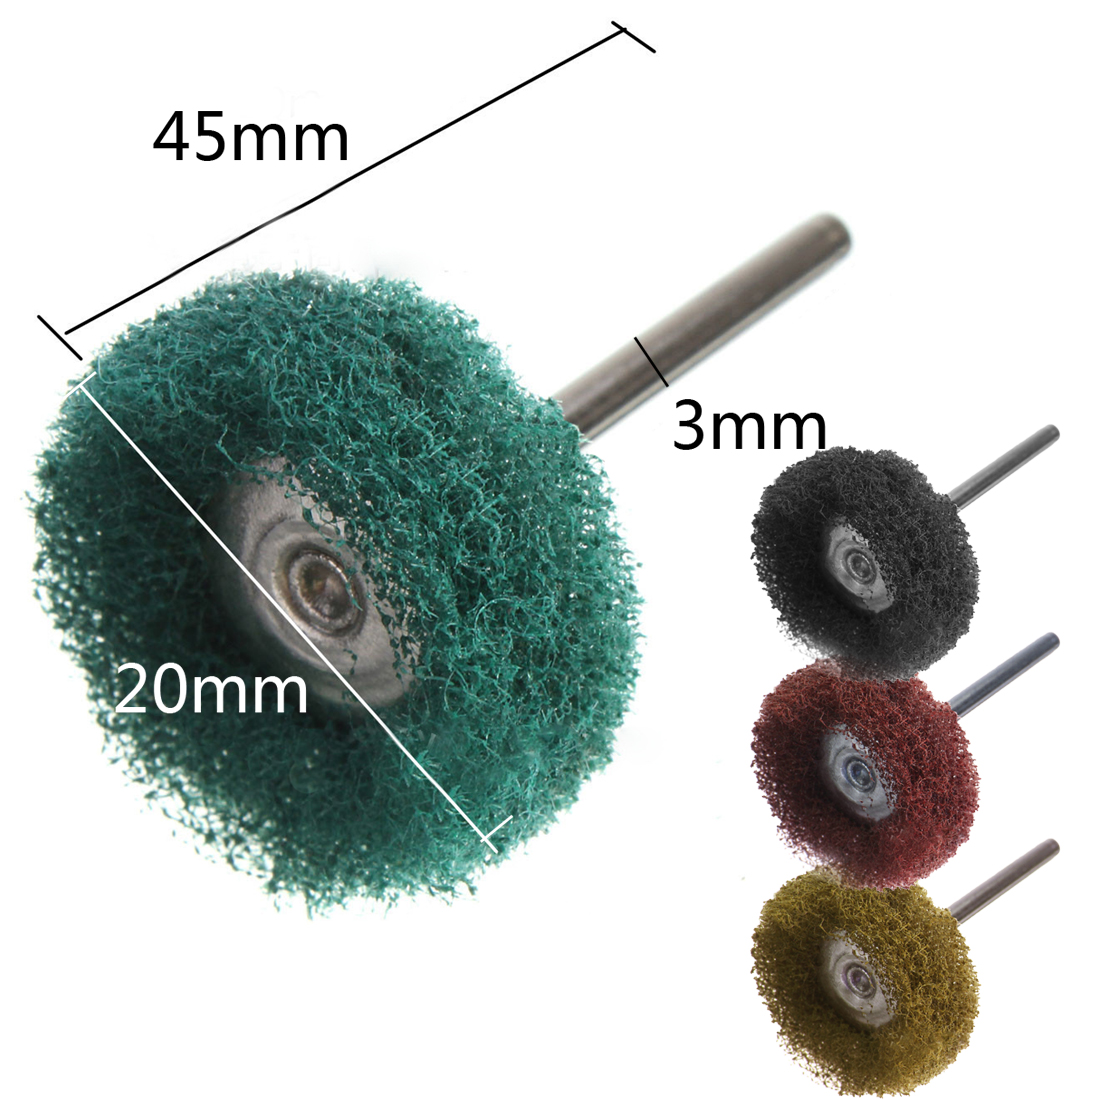 Mini Brush Scouring Pad Abrasive Wheel Nylon Fiber Grinding Sanding Head Buffing Polishing Wheel 3mm Shank  For Dremel